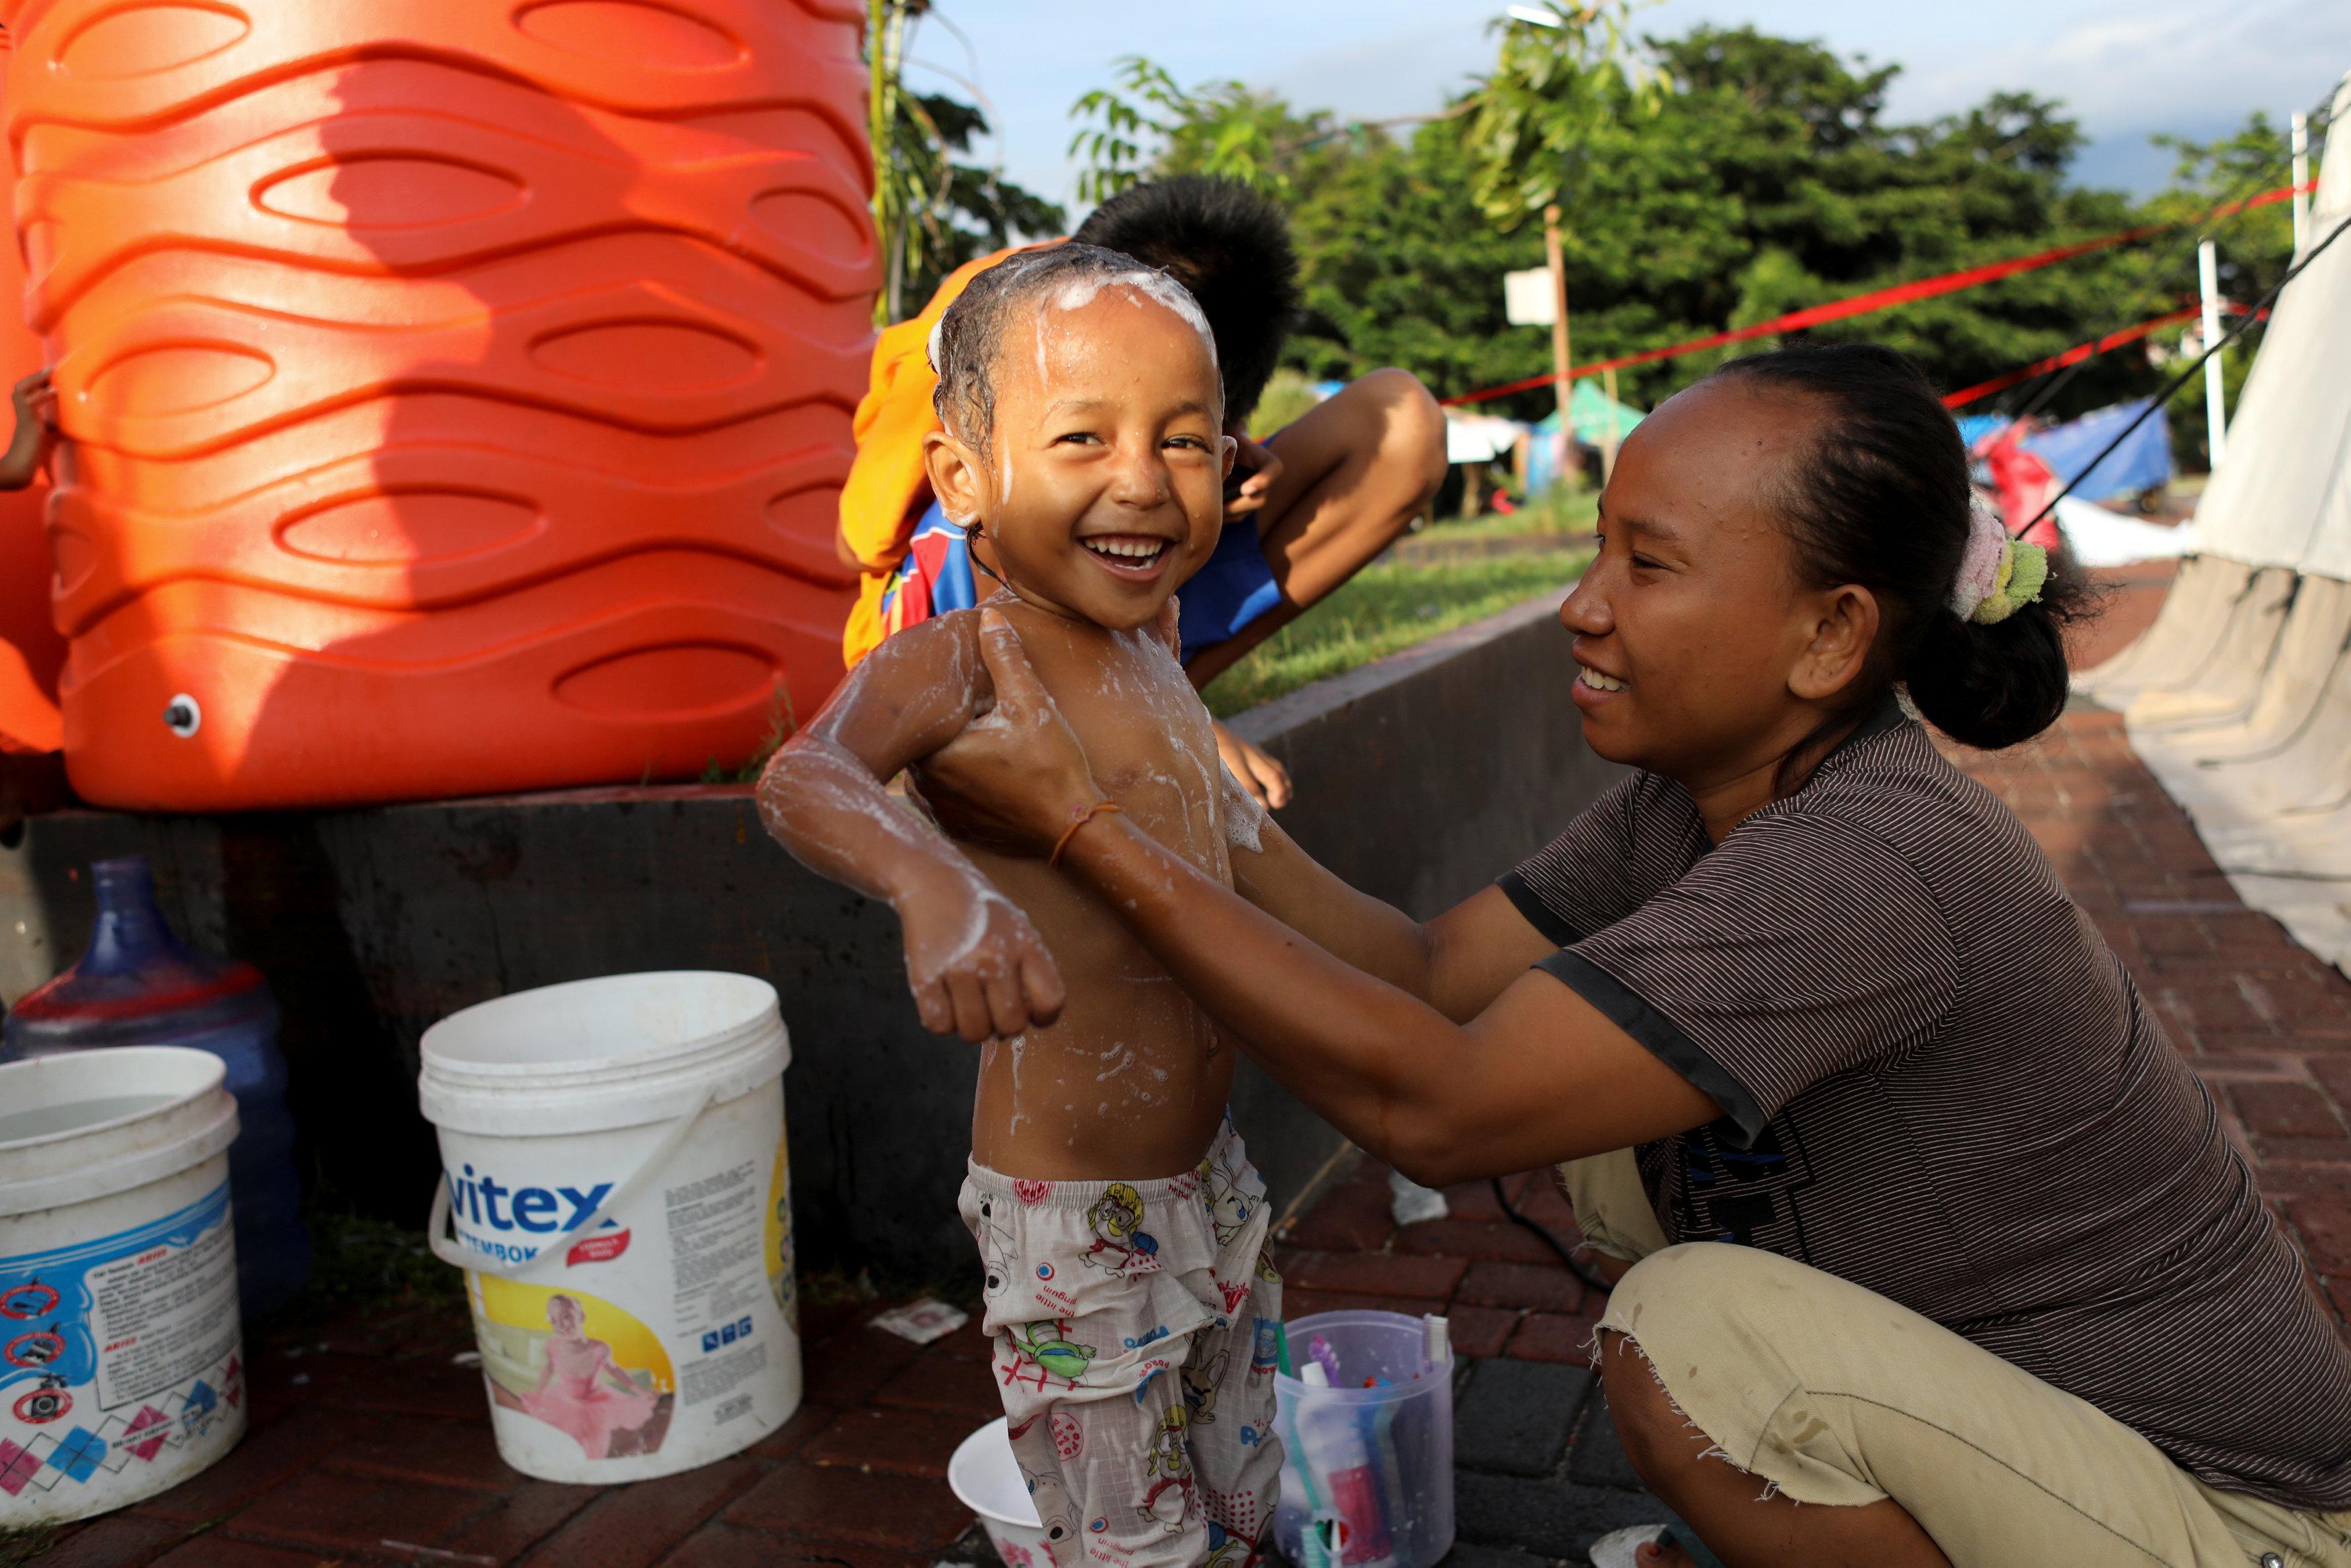 إبتسامة طفل إندونيسى بعد الاستحمام داخل إحدى المخيمات بمناطق الزلزال